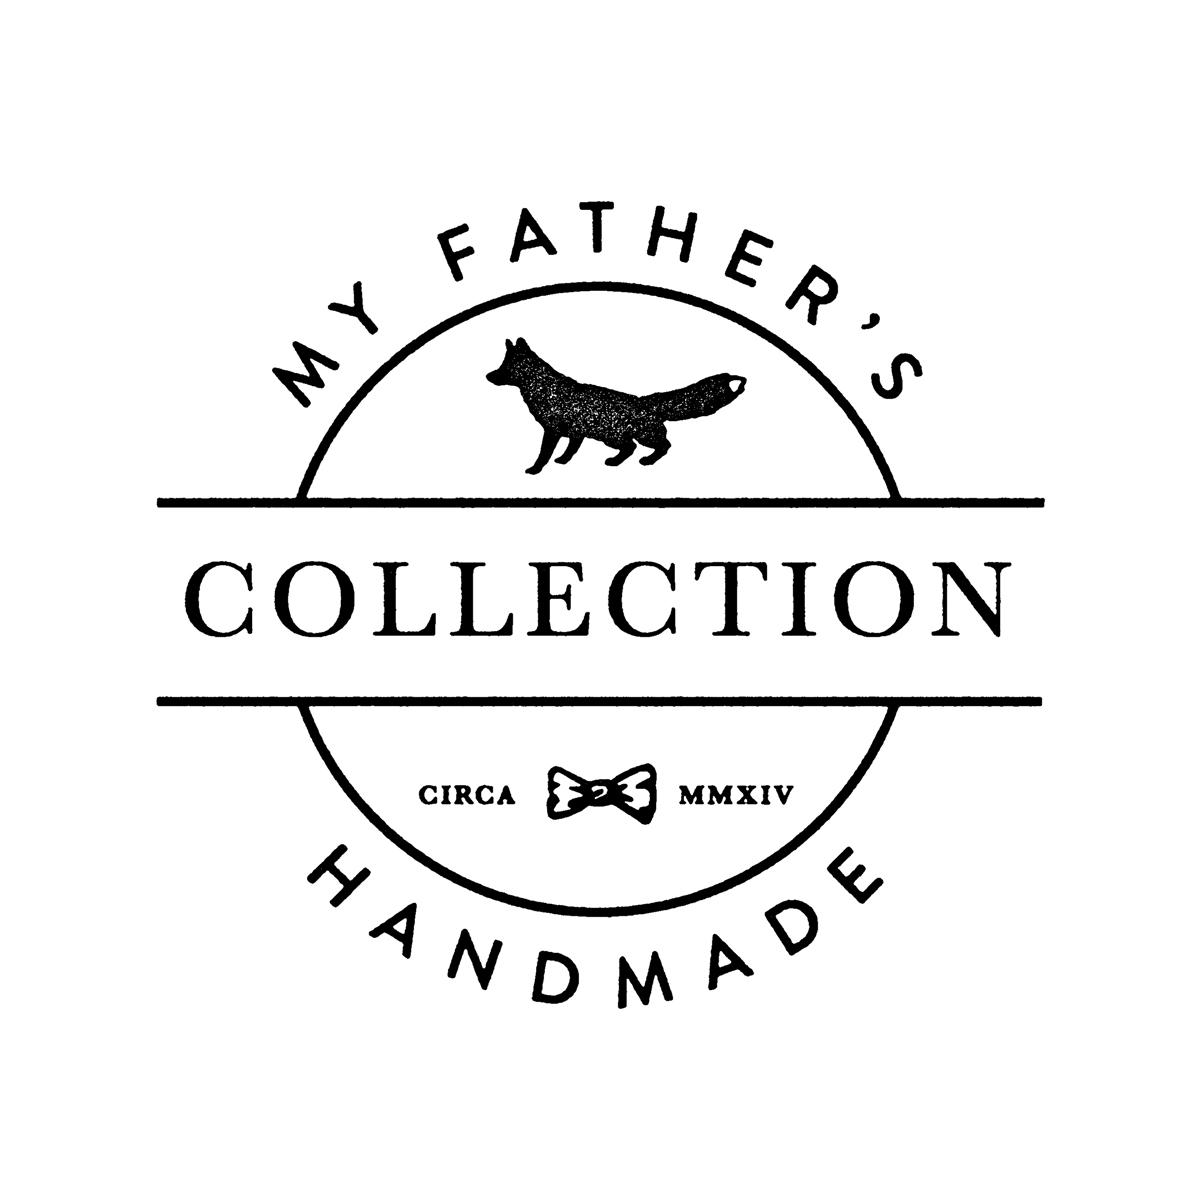 My-Fathers-Collection-Jeremy-Vessey.jpg